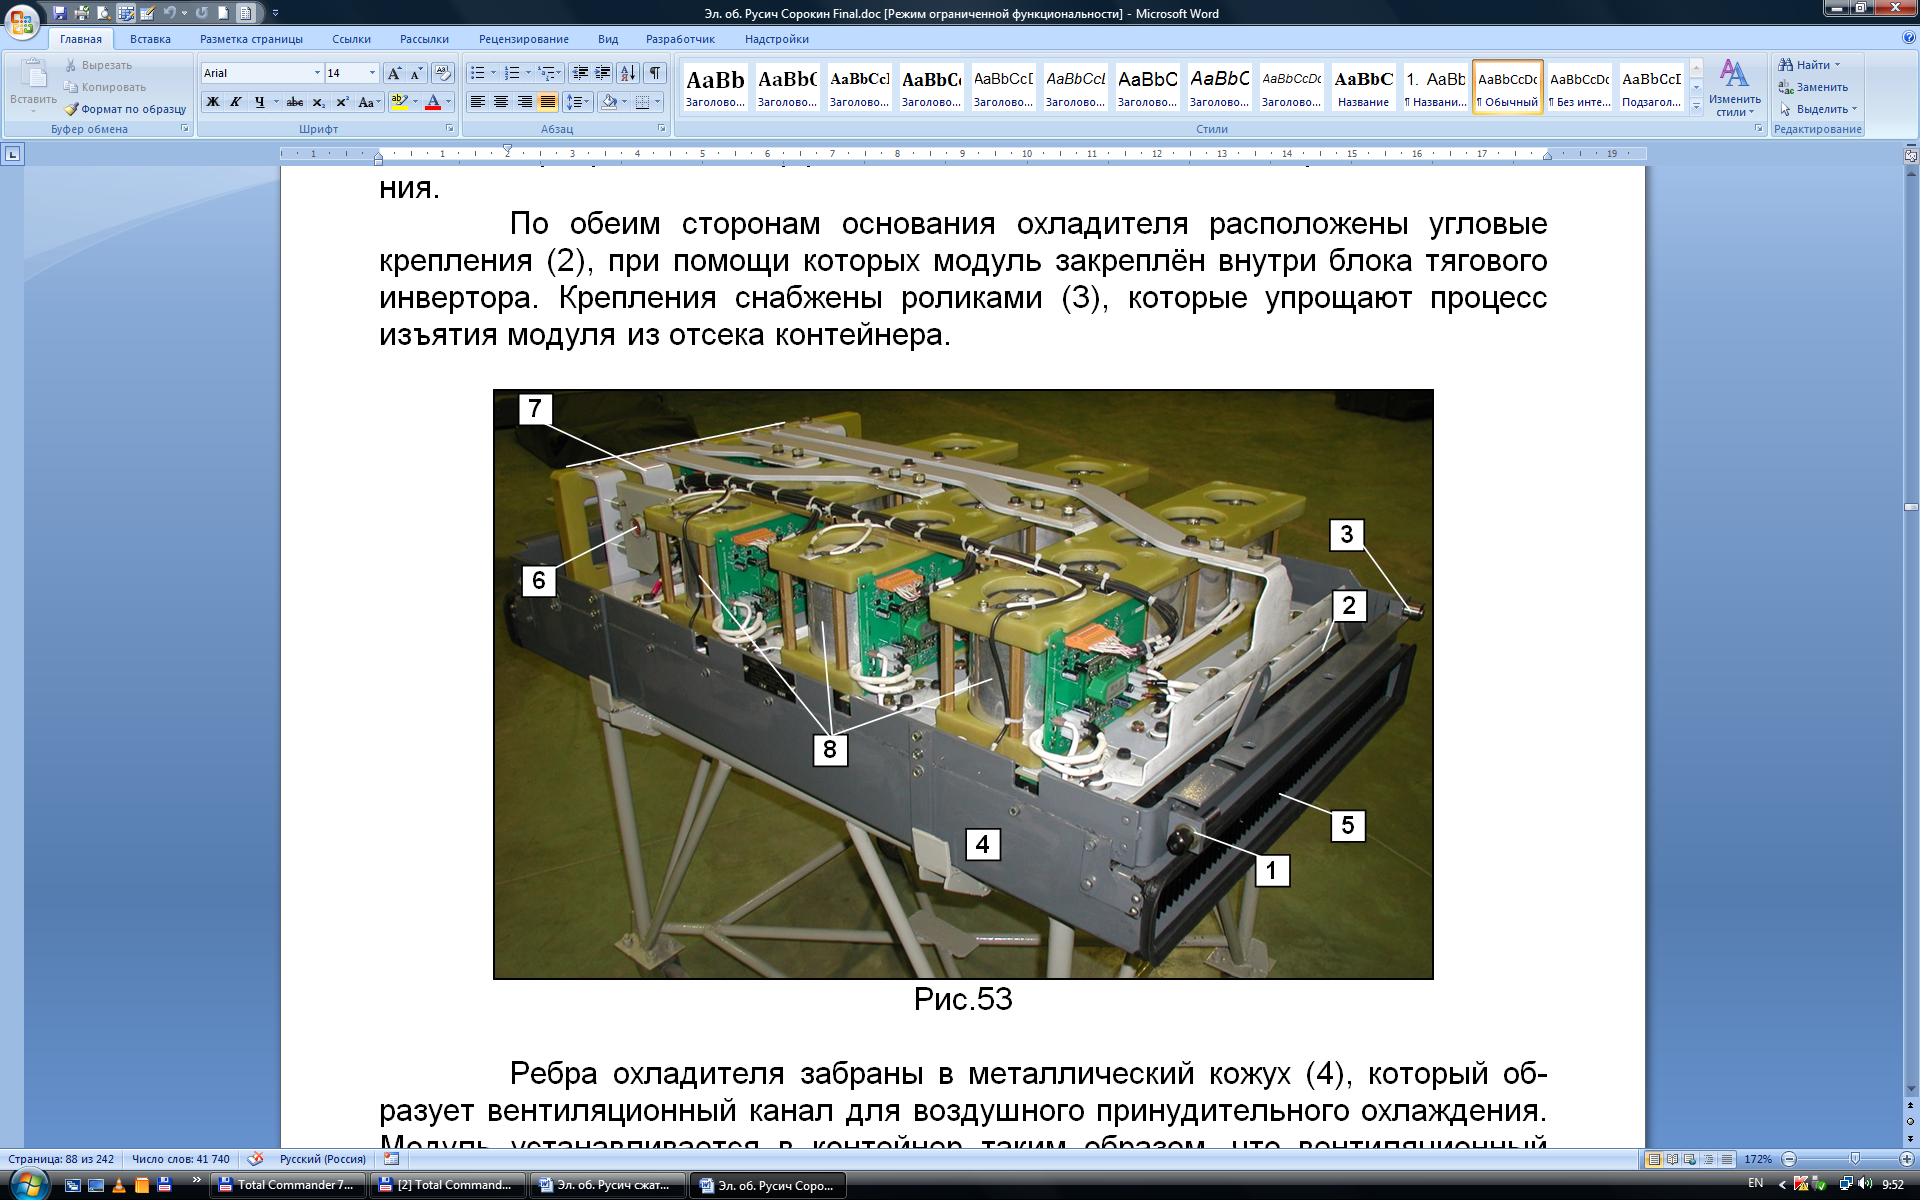 Реферат Конструкция модуля силового инвертора Модуль инвертора содержит электронное оборудование установленное на основании охладителя 1 Обратная поверхность охладителя снабжена ребрами для